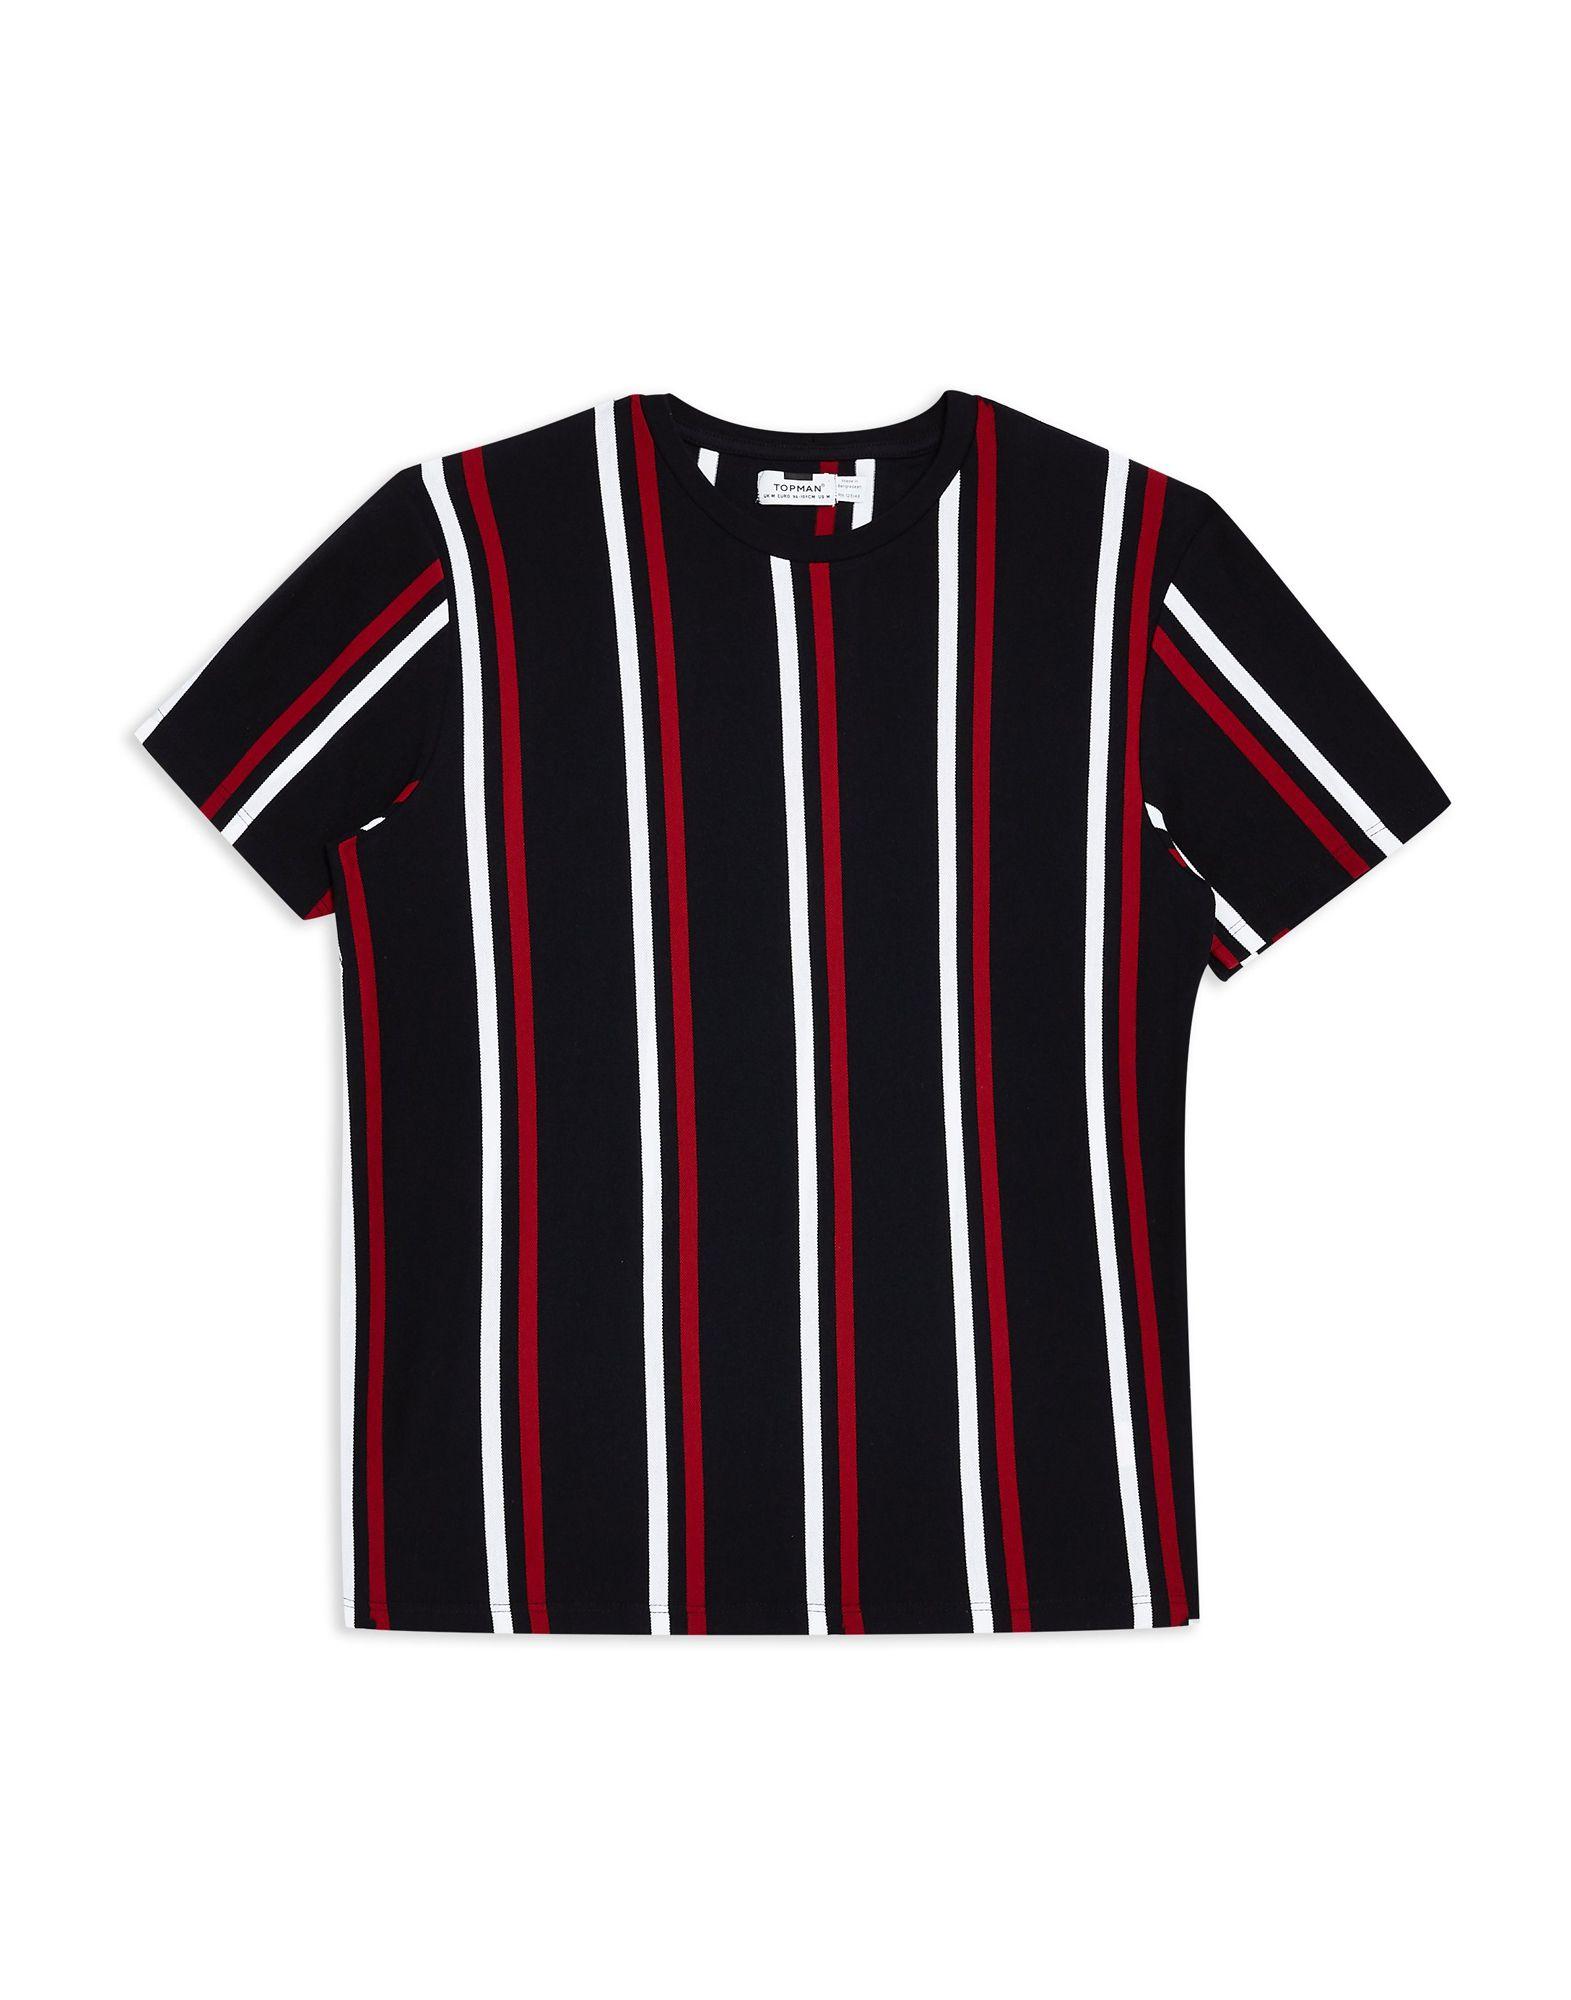 《期間限定セール開催中!》TOPMAN メンズ T シャツ ダークブルー S コットン 100% Navy Striped T-Shirt